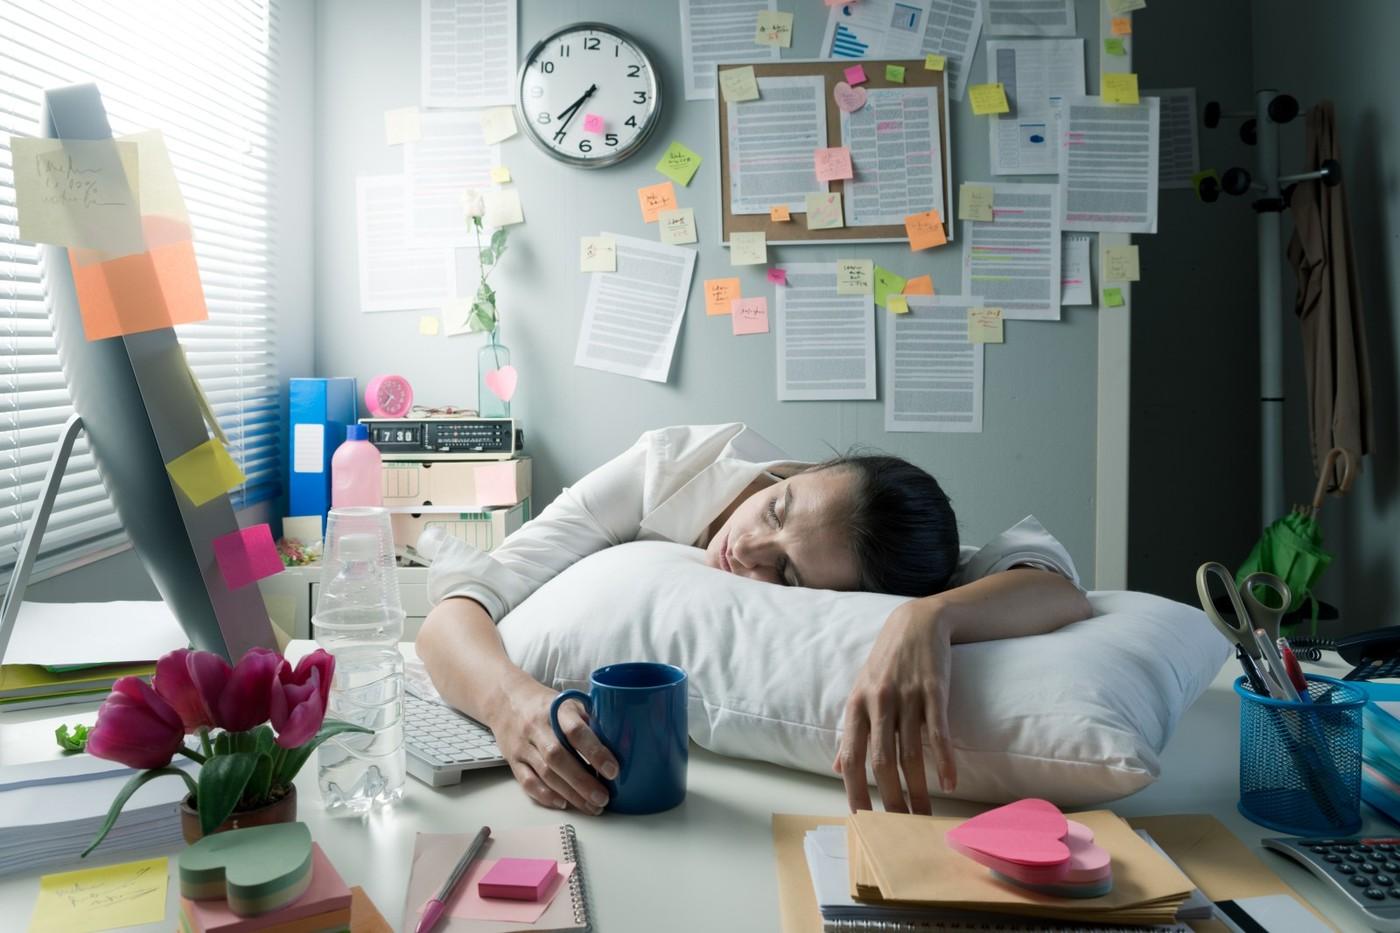 用心休息反而能夠提升生產力?勞資雙方都應該知道的四大休息準則